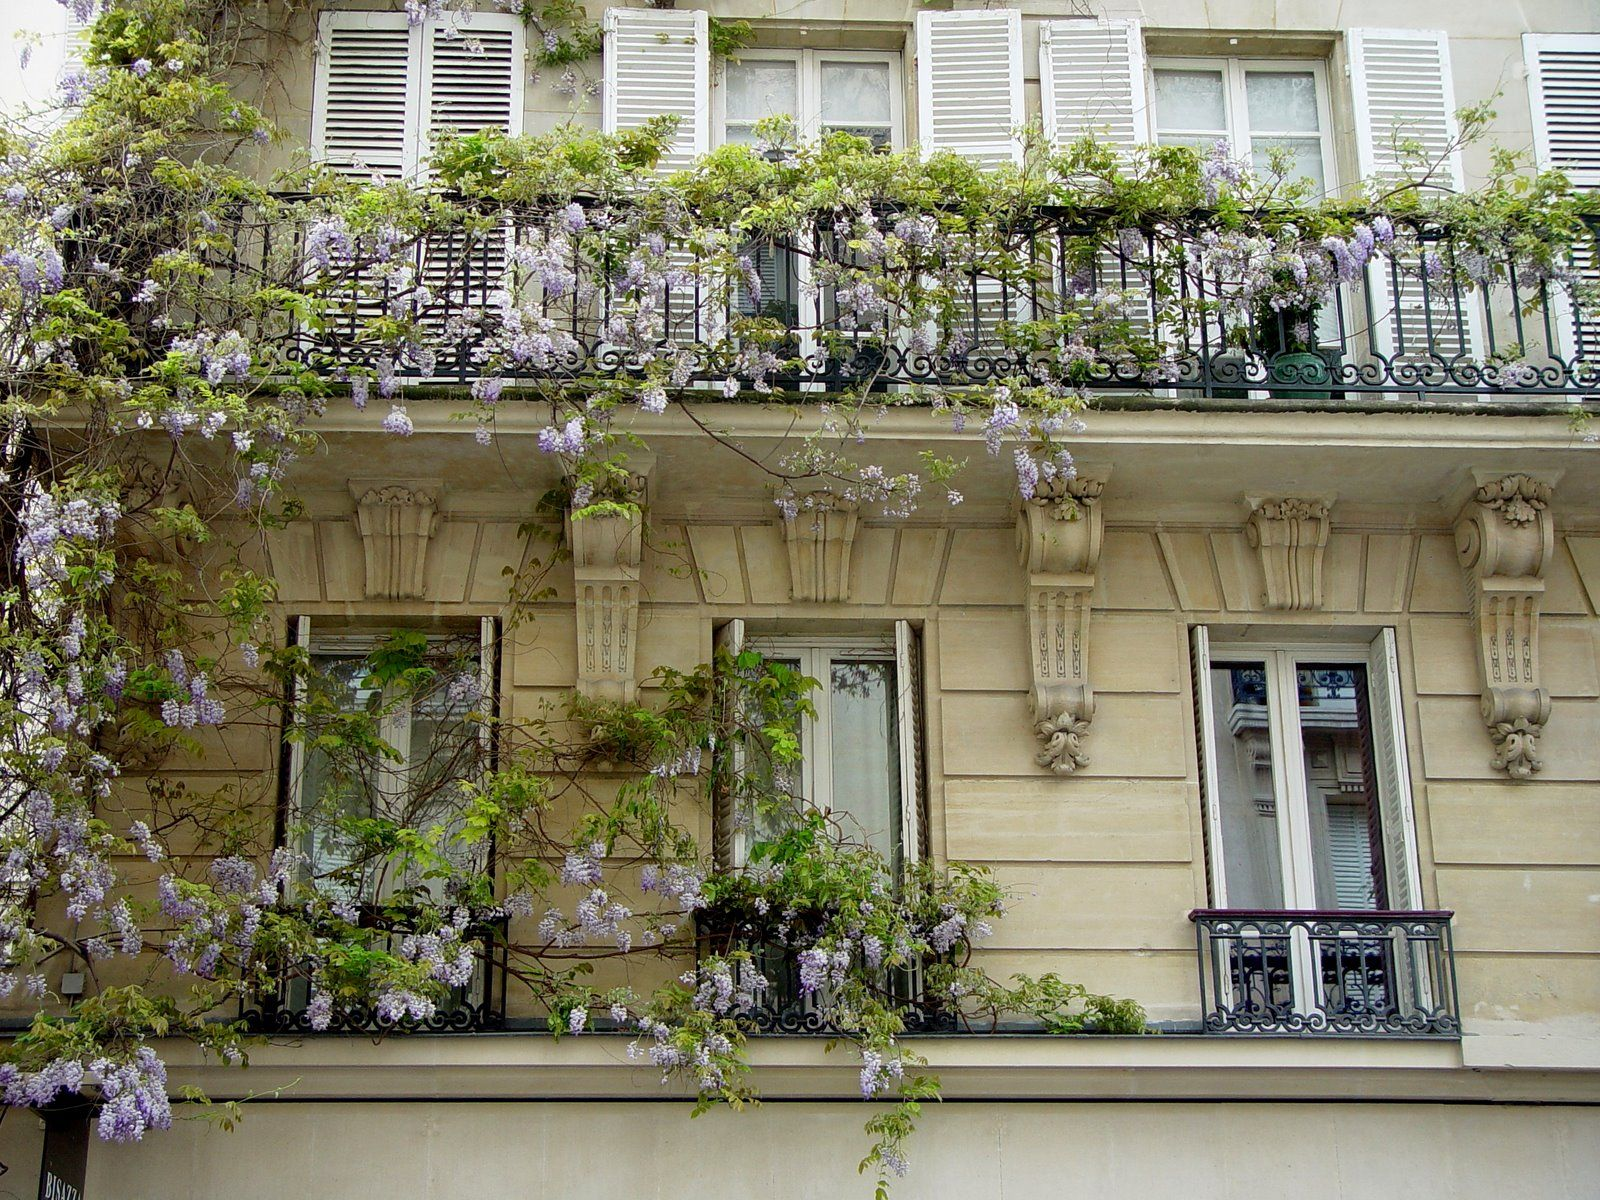 Balcons fleuris paris balcons fleuris pinterest balcons fleuri et paris - Terrasse et jardin fleuri paris ...